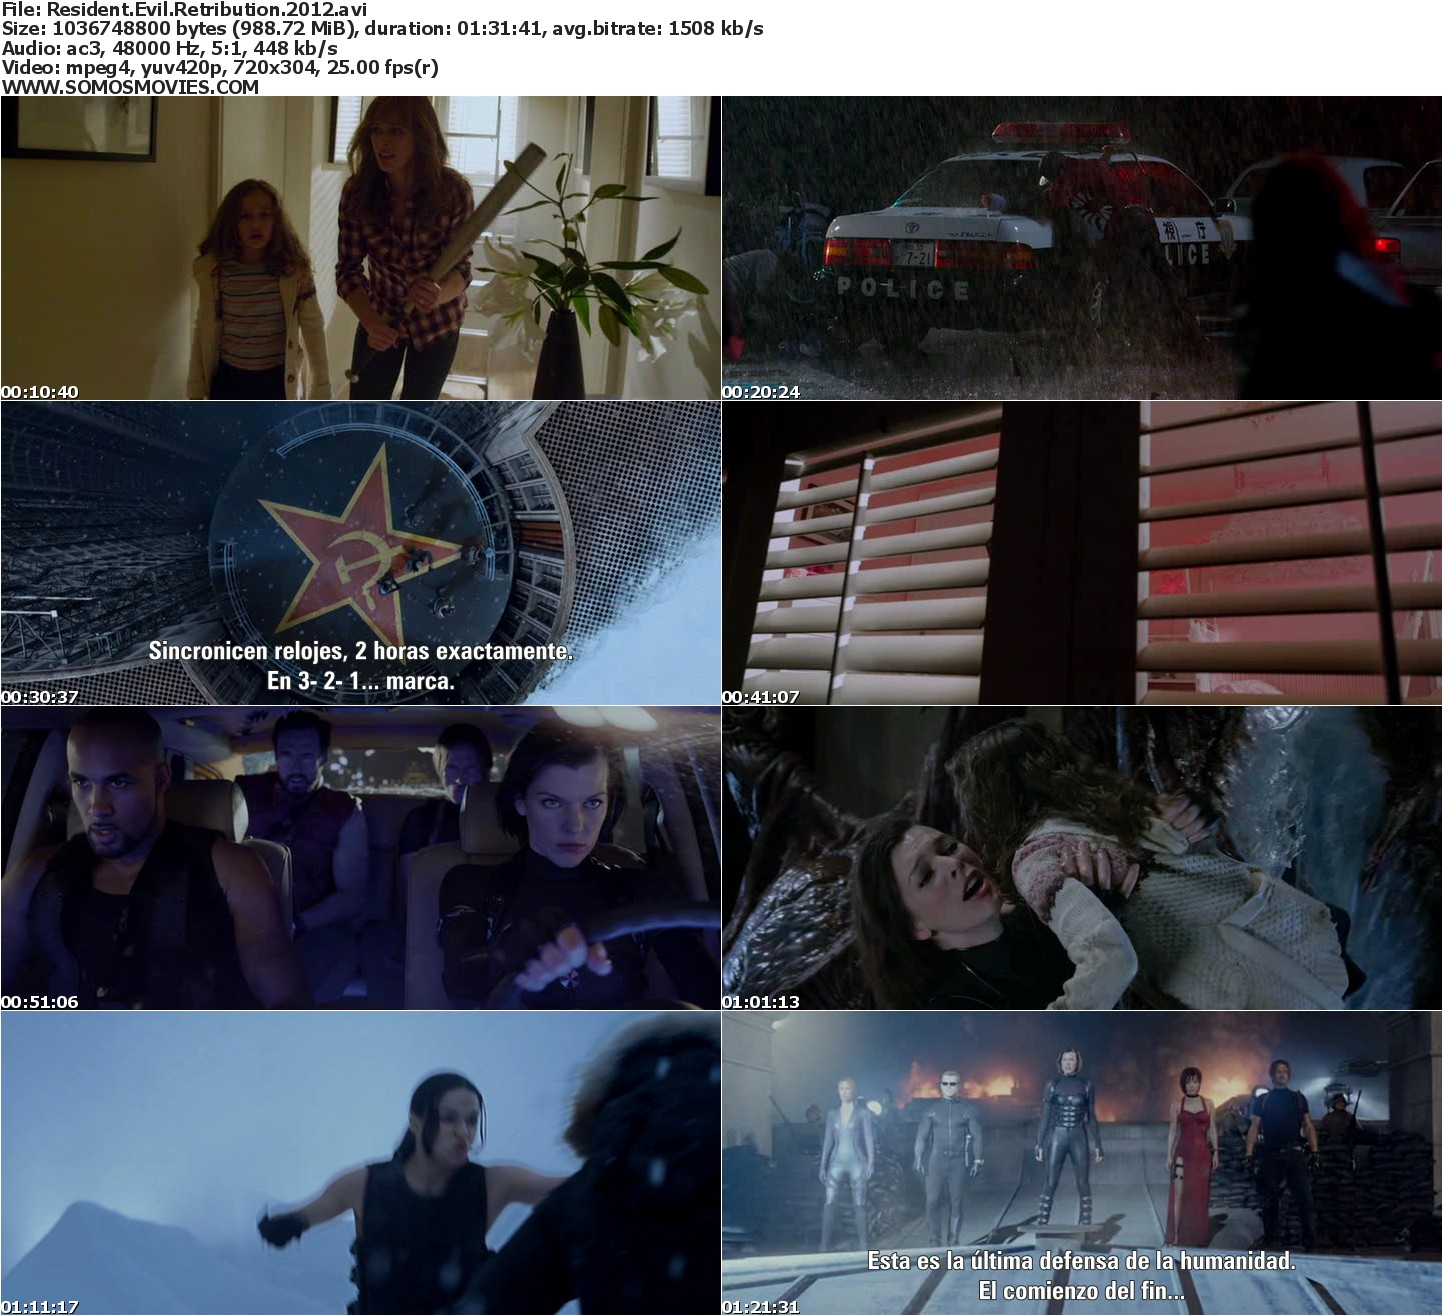 http://3.bp.blogspot.com/-WHGTdHimqpA/ULqKVr44EKI/AAAAAAAAGKw/iEmMXjg7dRM/s1600/Resident.Evil.Retribution.2012_s.jpg